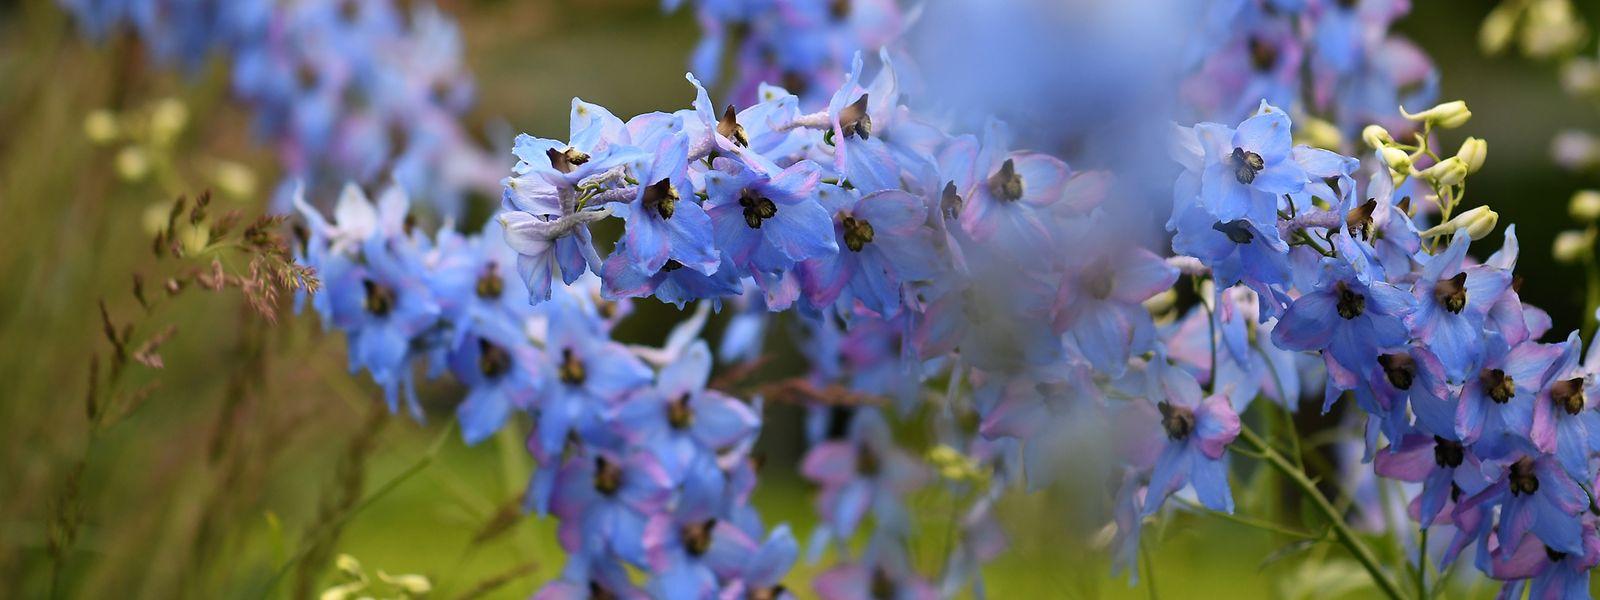 Garten-Rittersporne bestechen gleichermaßen durch ihre Farben- und Blütenpracht.